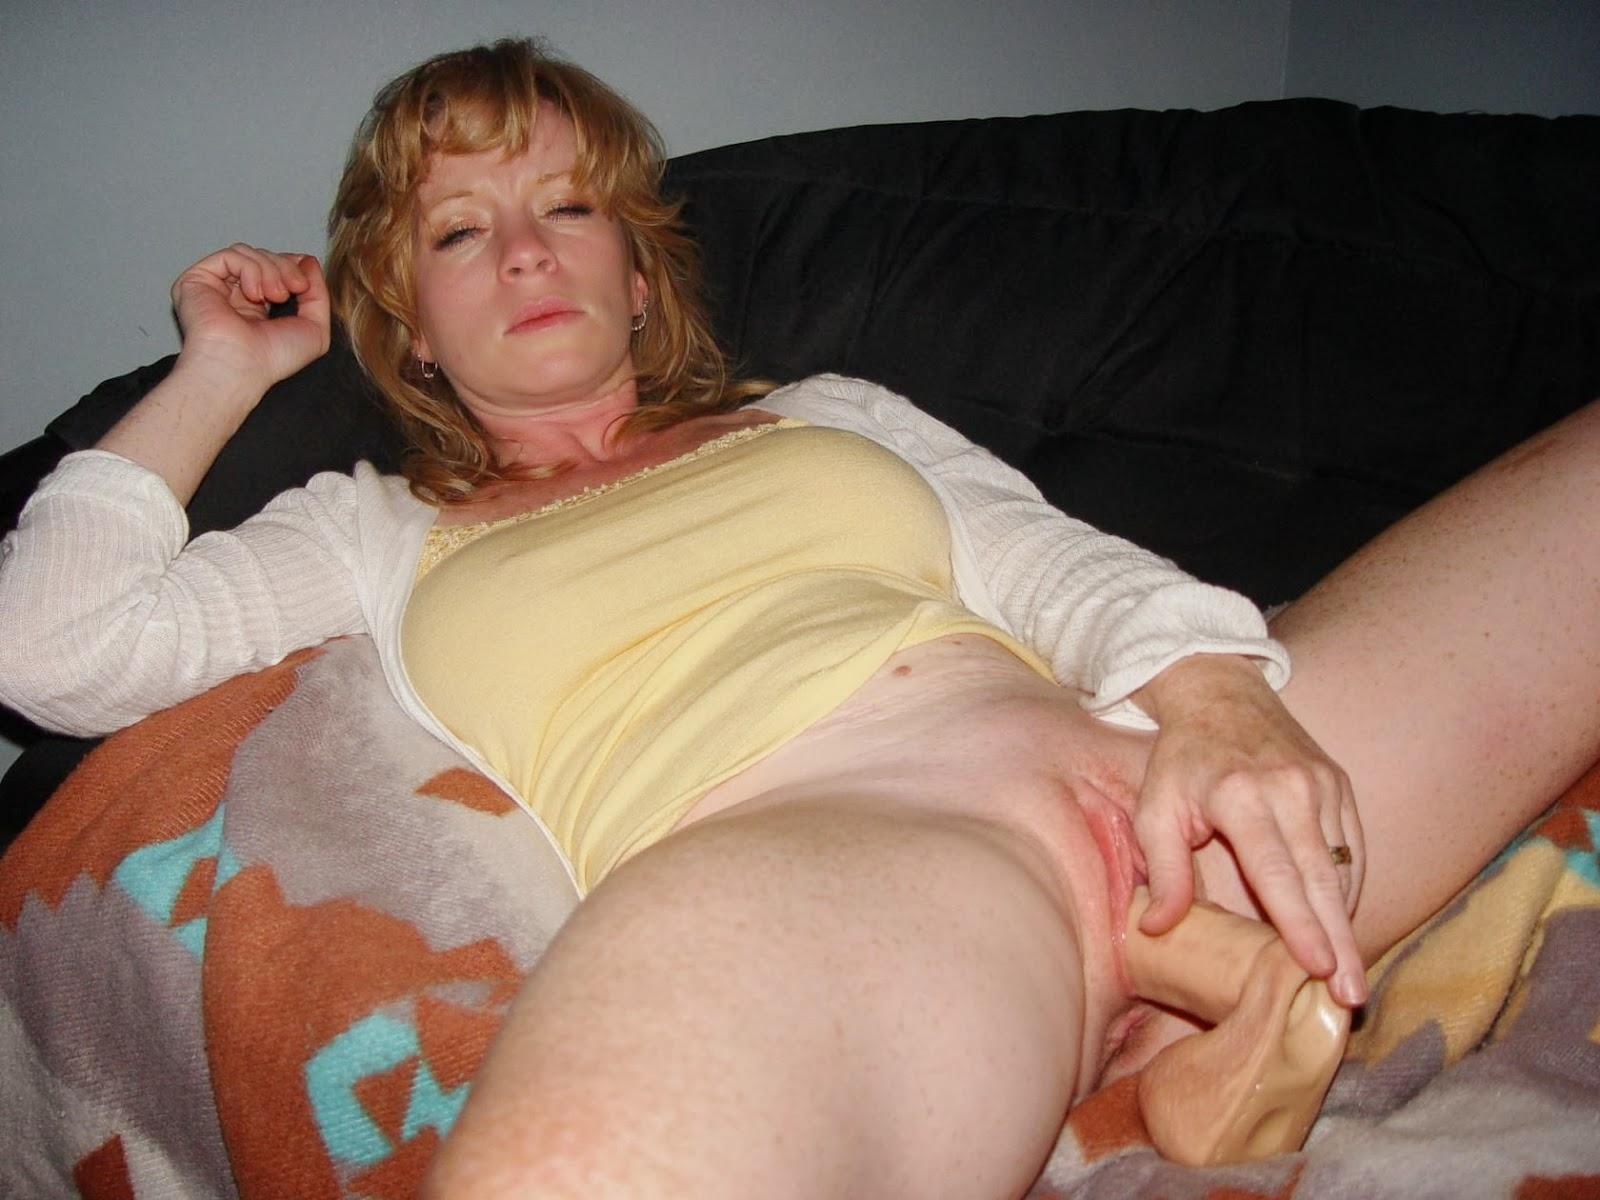 фото мастурбации зрелых некоторое время